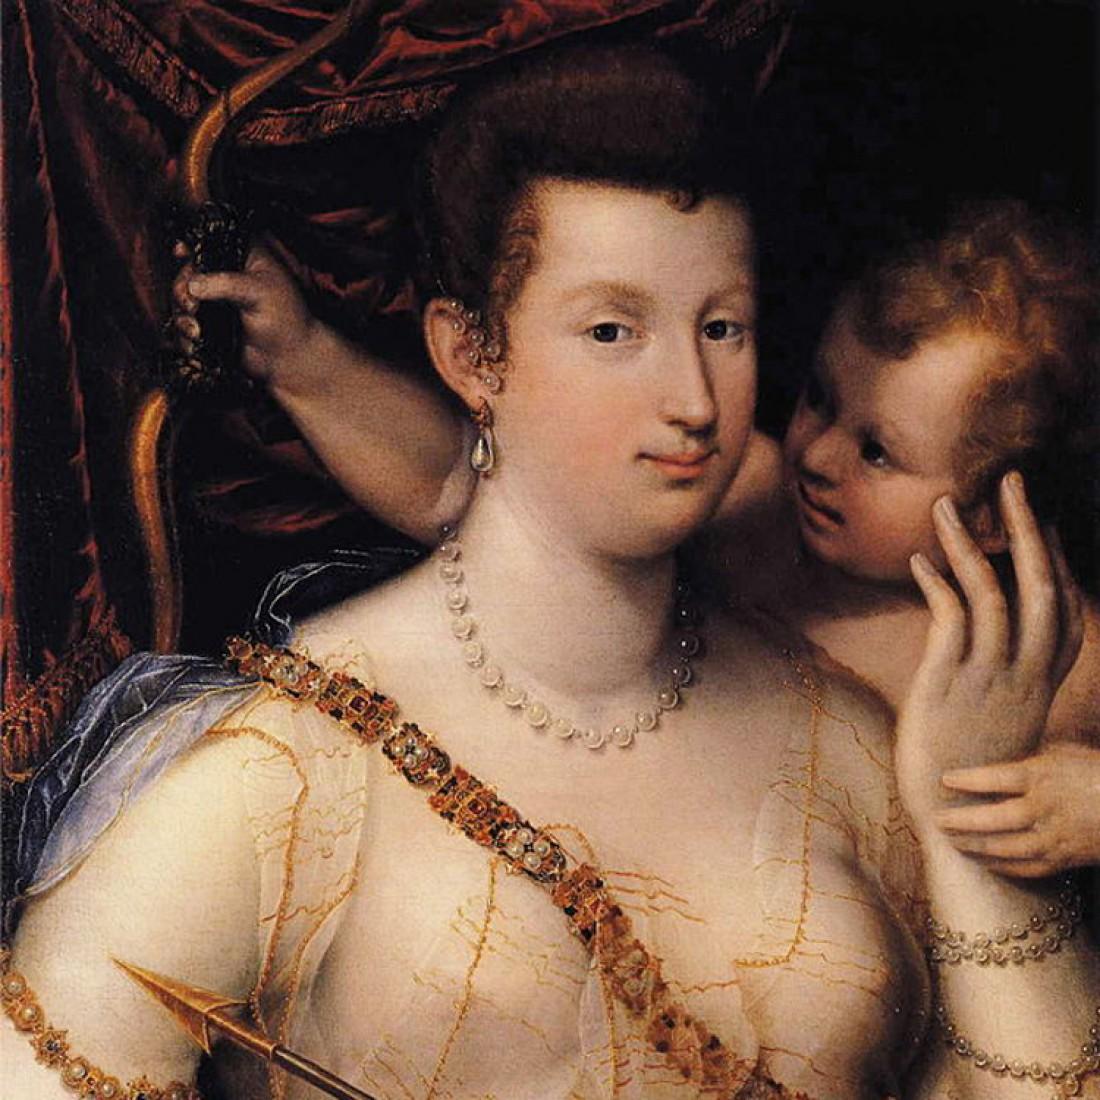 Изабелла Руини, в виде Венеры, Лавиния Фонтана, 1592 год